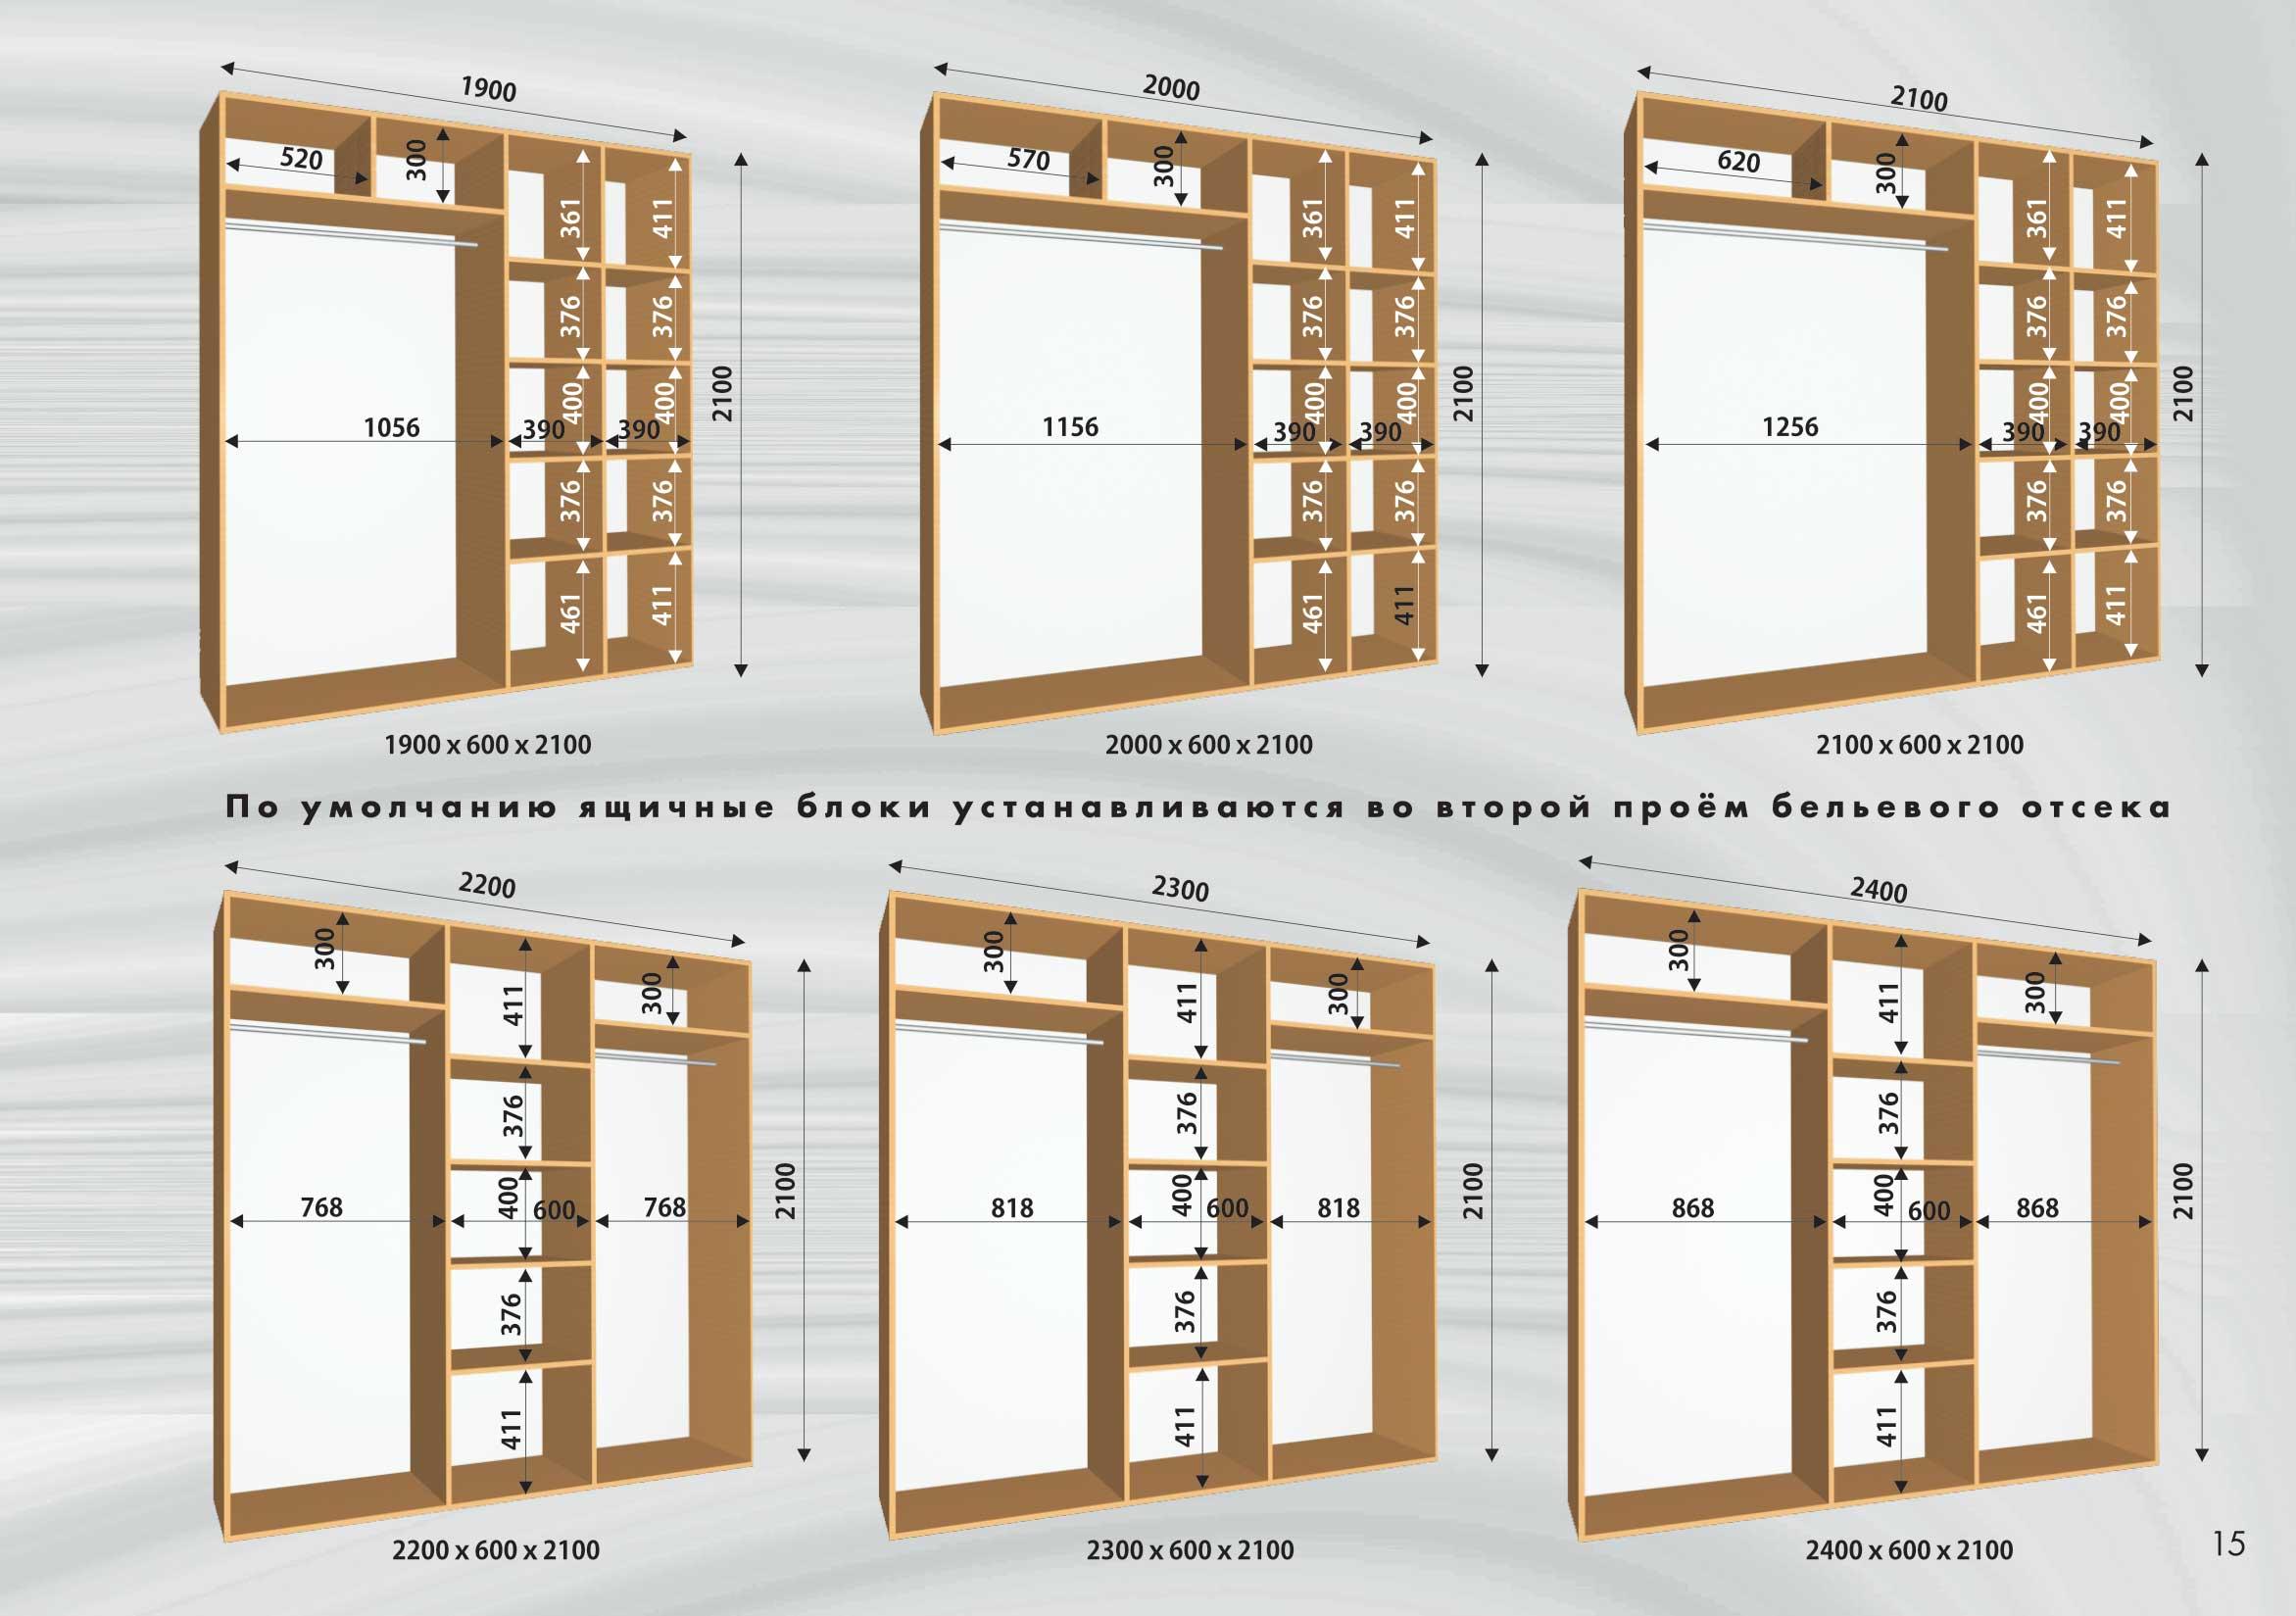 Размеры и конструкции шкафов-купе - ортопедические матрасы, .